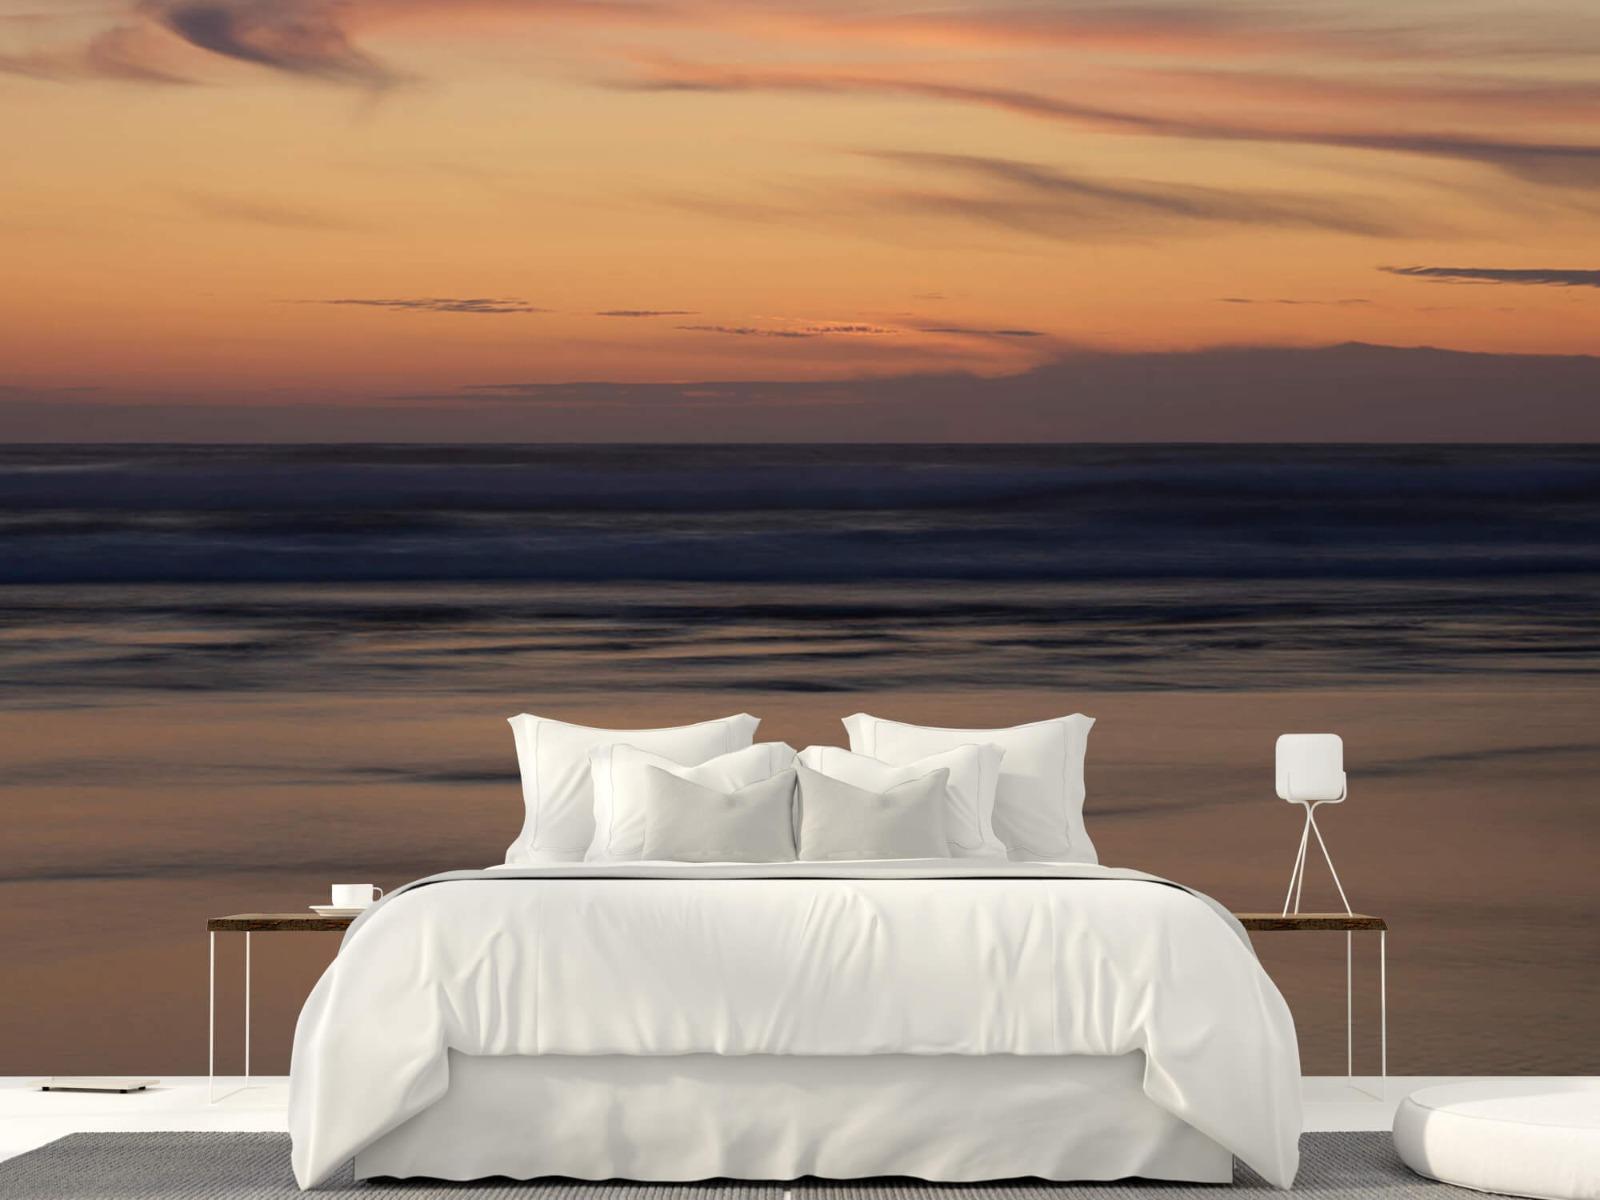 Zeeën en Oceanen - Zonsondergang aan de kust - Slaapkamer 22